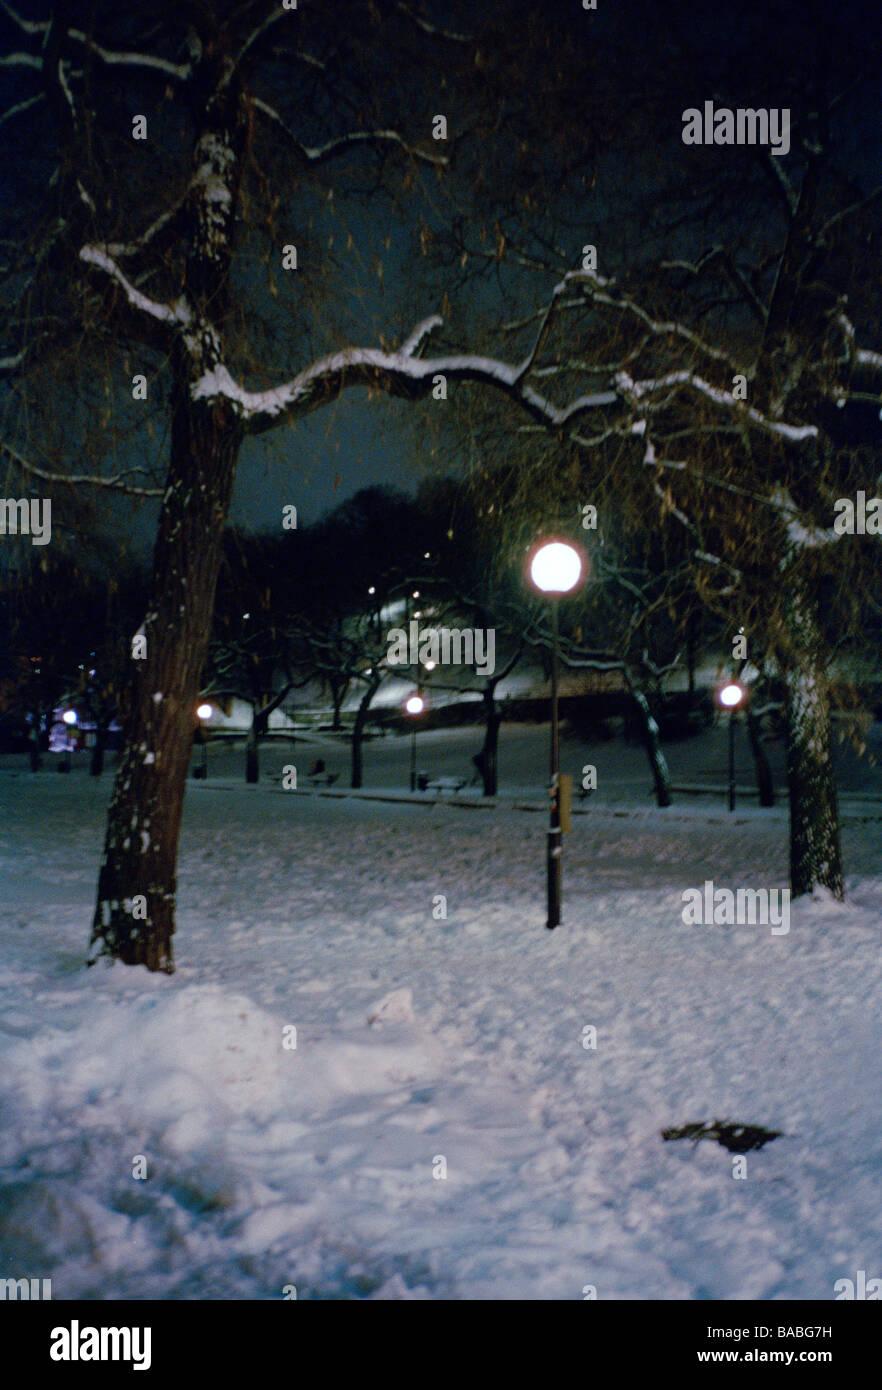 Straßenlaterne in einem Park Stockholm Schweden Stockfoto